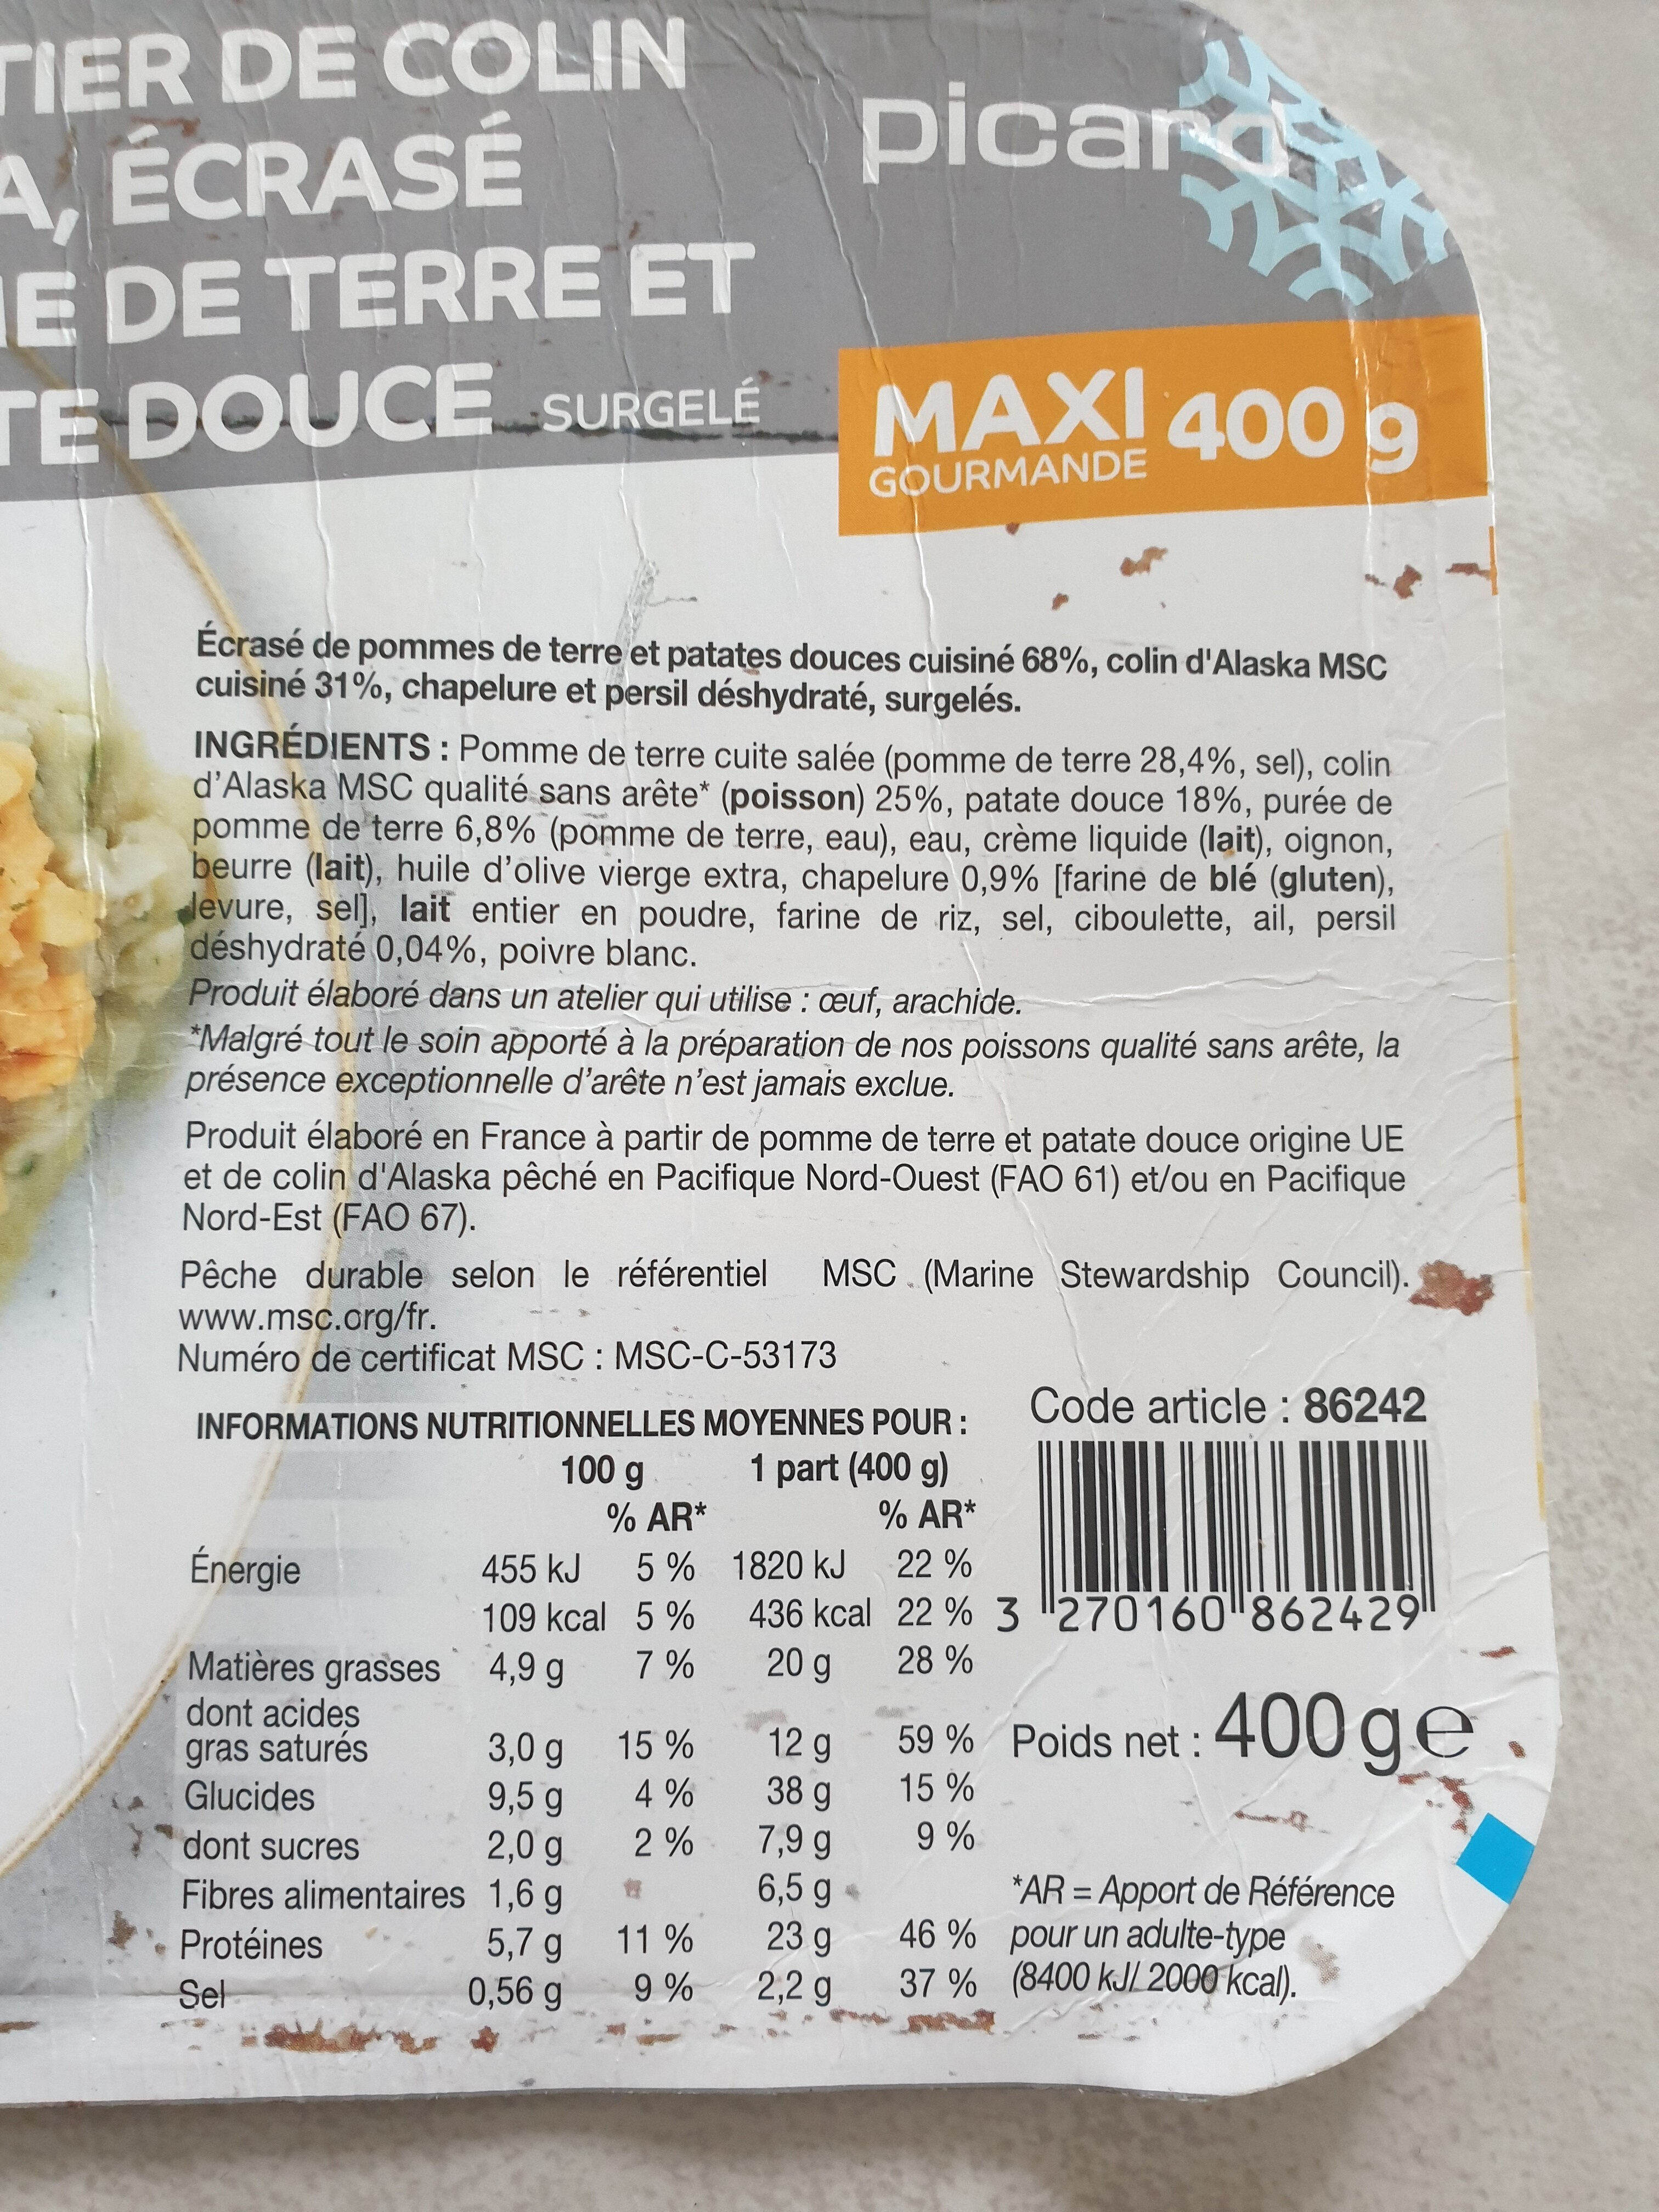 parmentier de colin, écrasé de pomme de terre et de patate douce - Ingredienti - fr